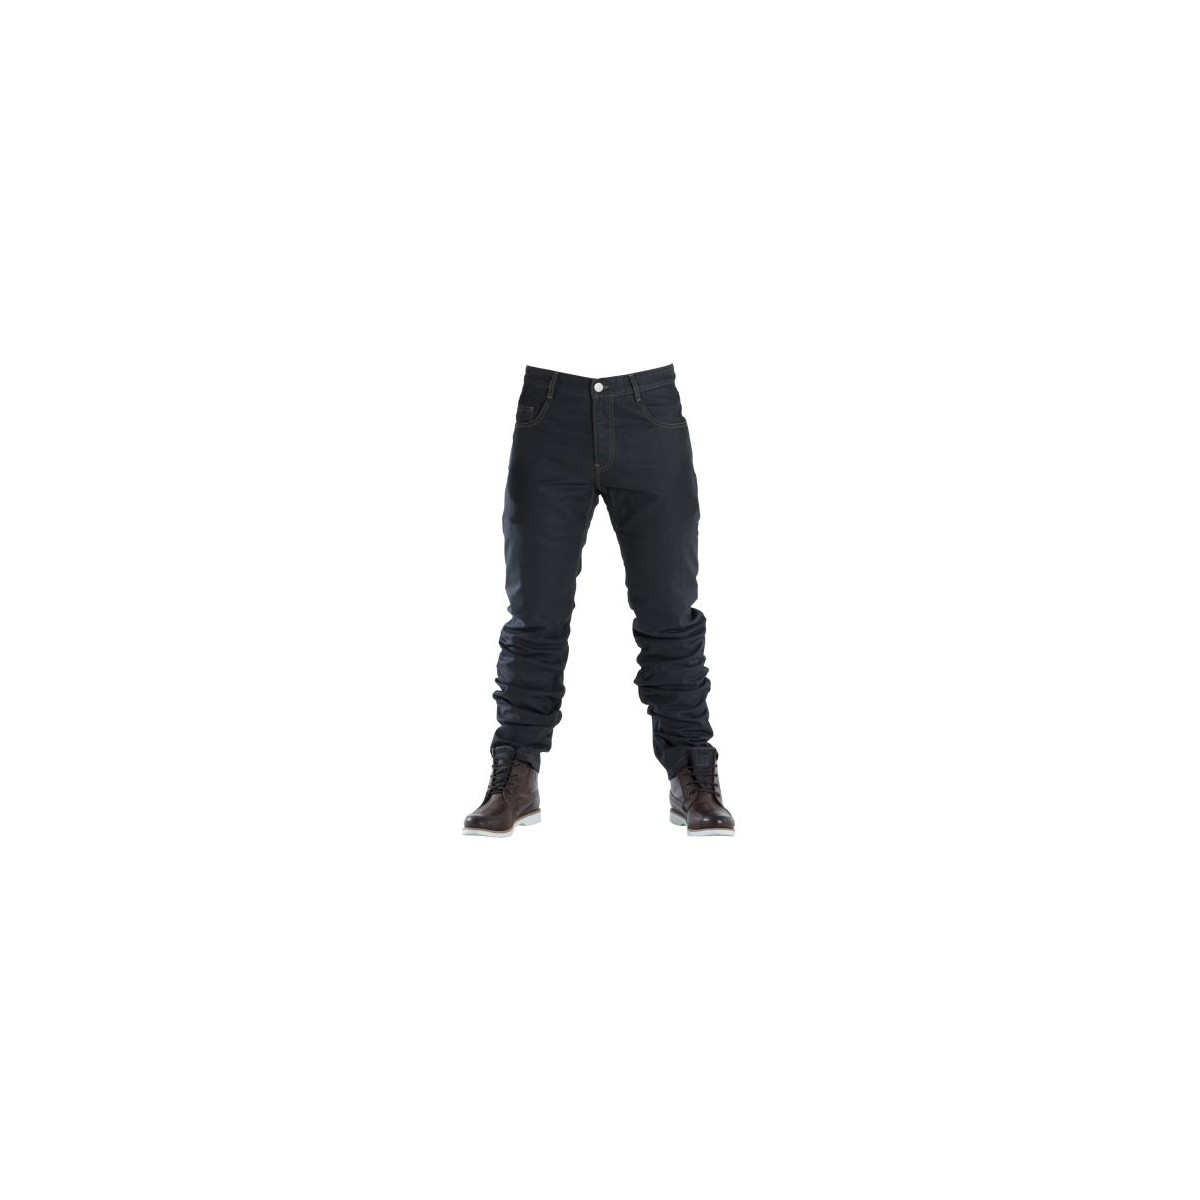 Jeans moto overlap street kérosene